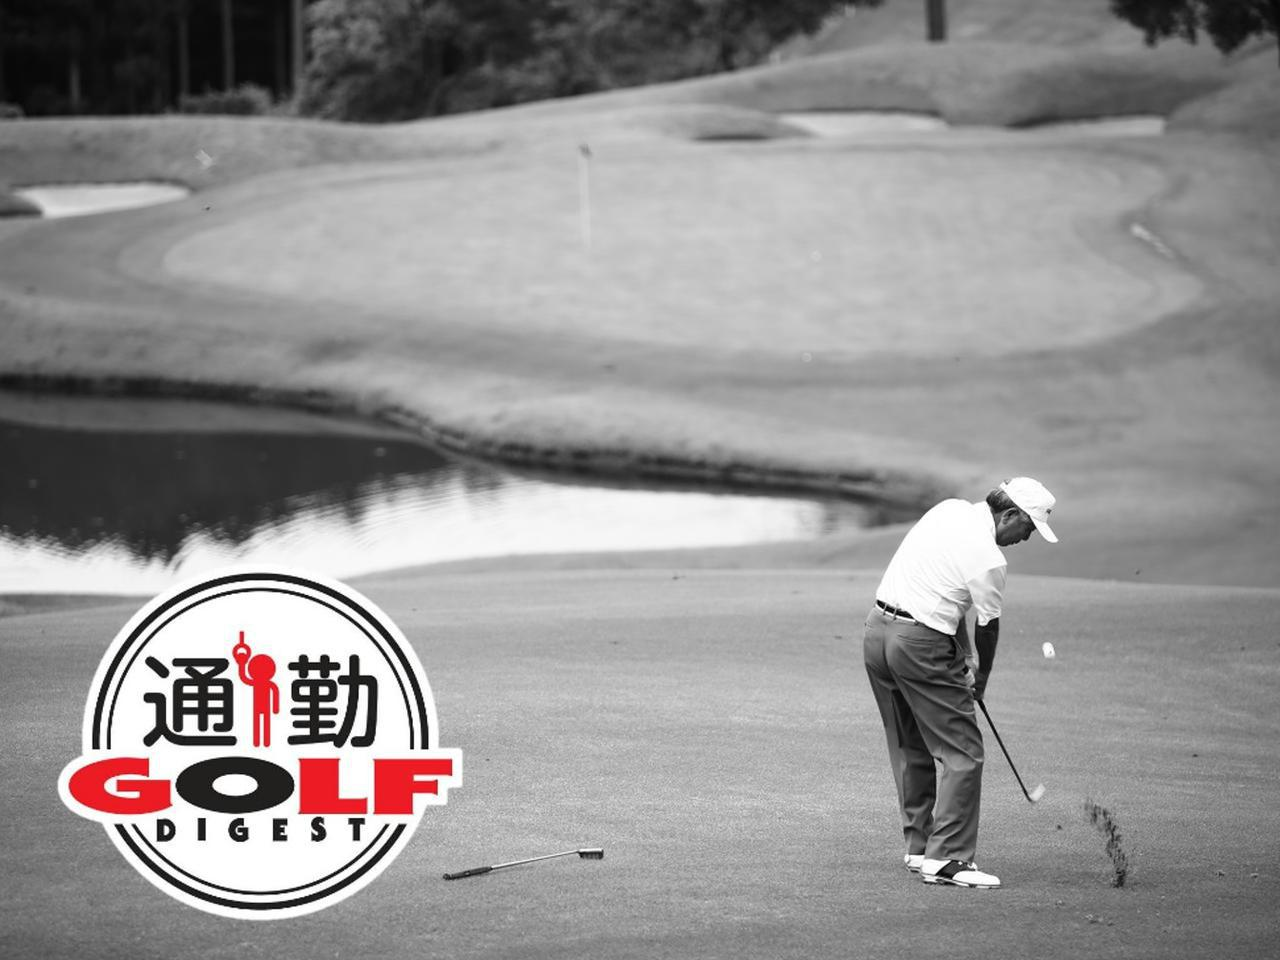 画像: 【通勤GD】海老原清治&奥田靖己 もう一花のゴルフVol.11 逃げないゴルファーはいい音がする。ゴルフダイジェストWEB - ゴルフへ行こうWEB by ゴルフダイジェスト